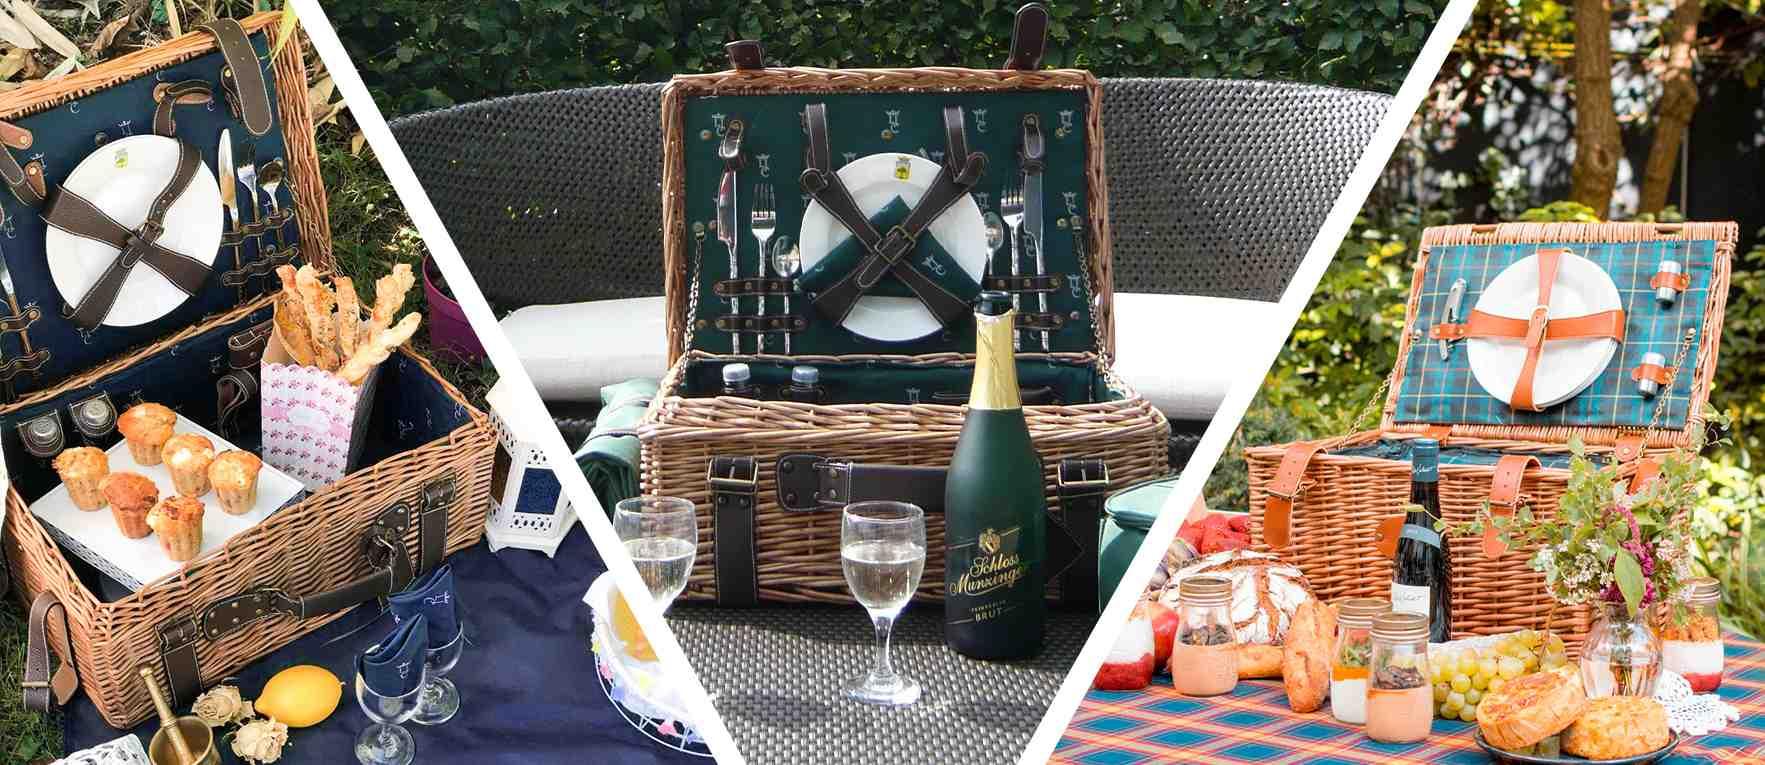 panier pique-nique de luxe en osier et en cuir sur une table de jardin